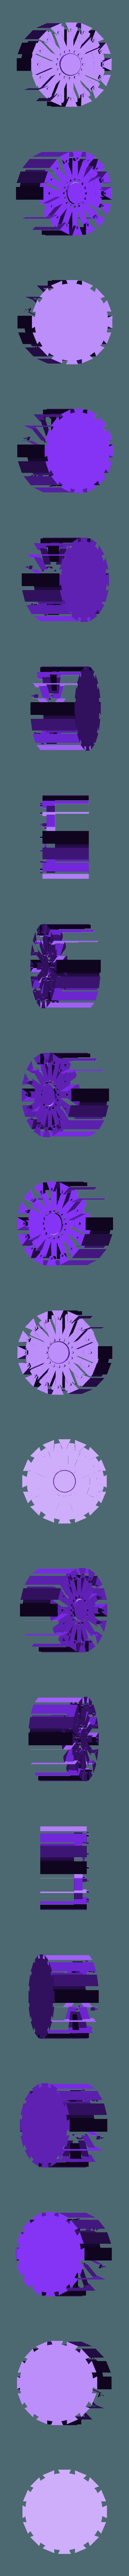 armoured_wheel.stl Télécharger fichier STL gratuit Demi-châssis de forteresse de combat mobile orque / orque • Design à imprimer en 3D, redstarkits